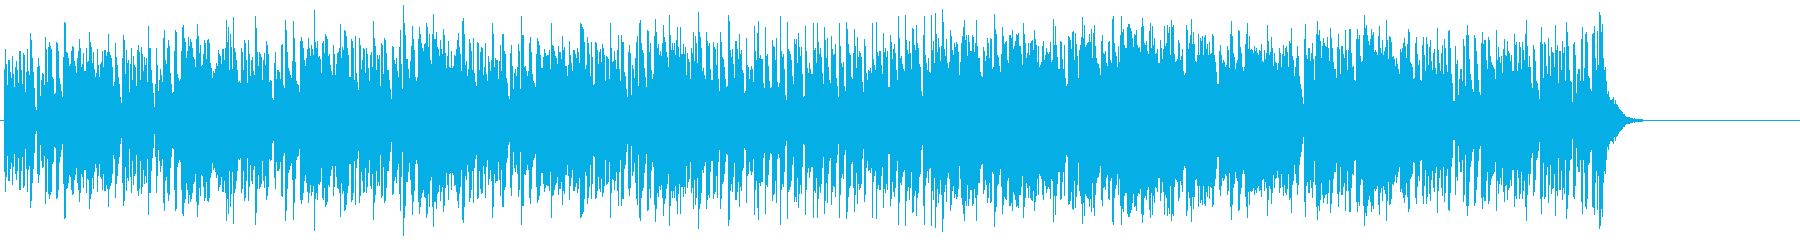 街のネオンの洒落たマイナーテクノの再生済みの波形